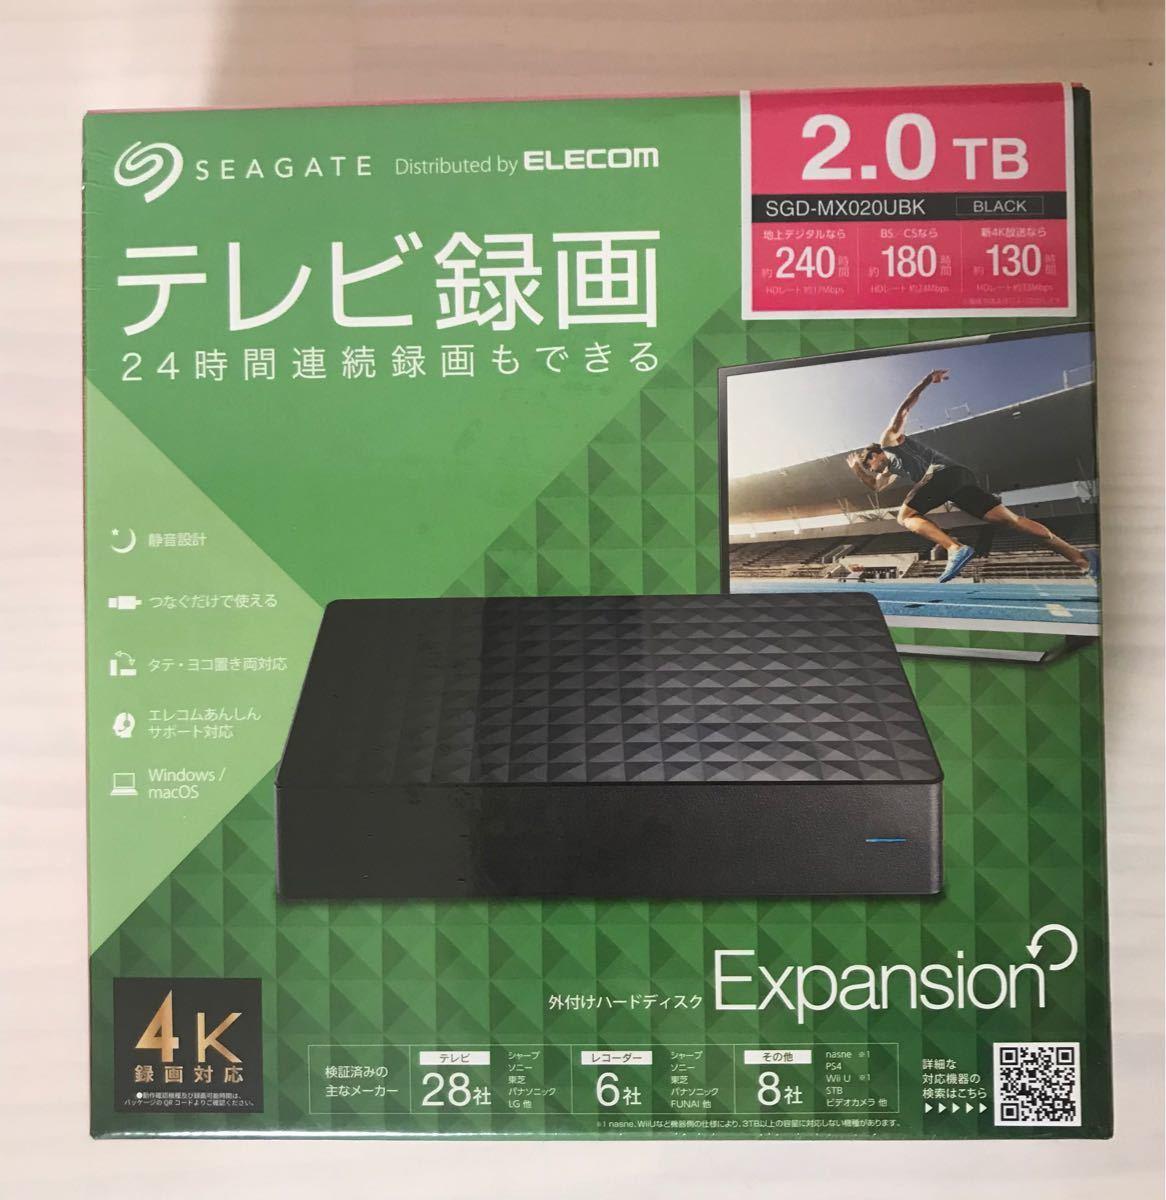 2個セット SGD-MX020UBK2TB 外付けハードディスク 新品未開封